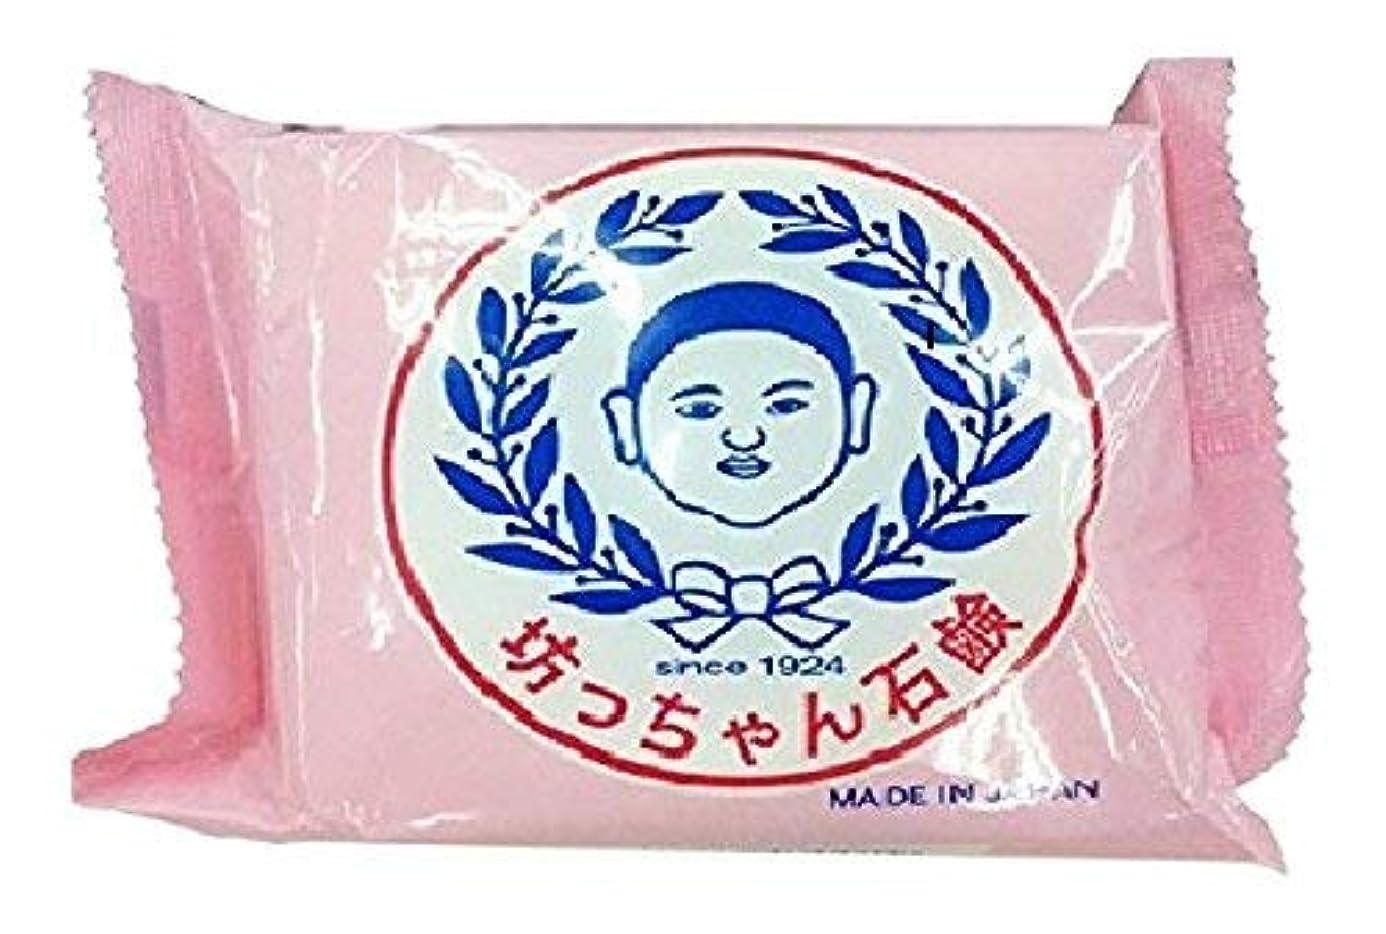 シロクマ刈る毒液【まとめ買い】坊っちゃん石鹸 釜出し一番 175g ×6個